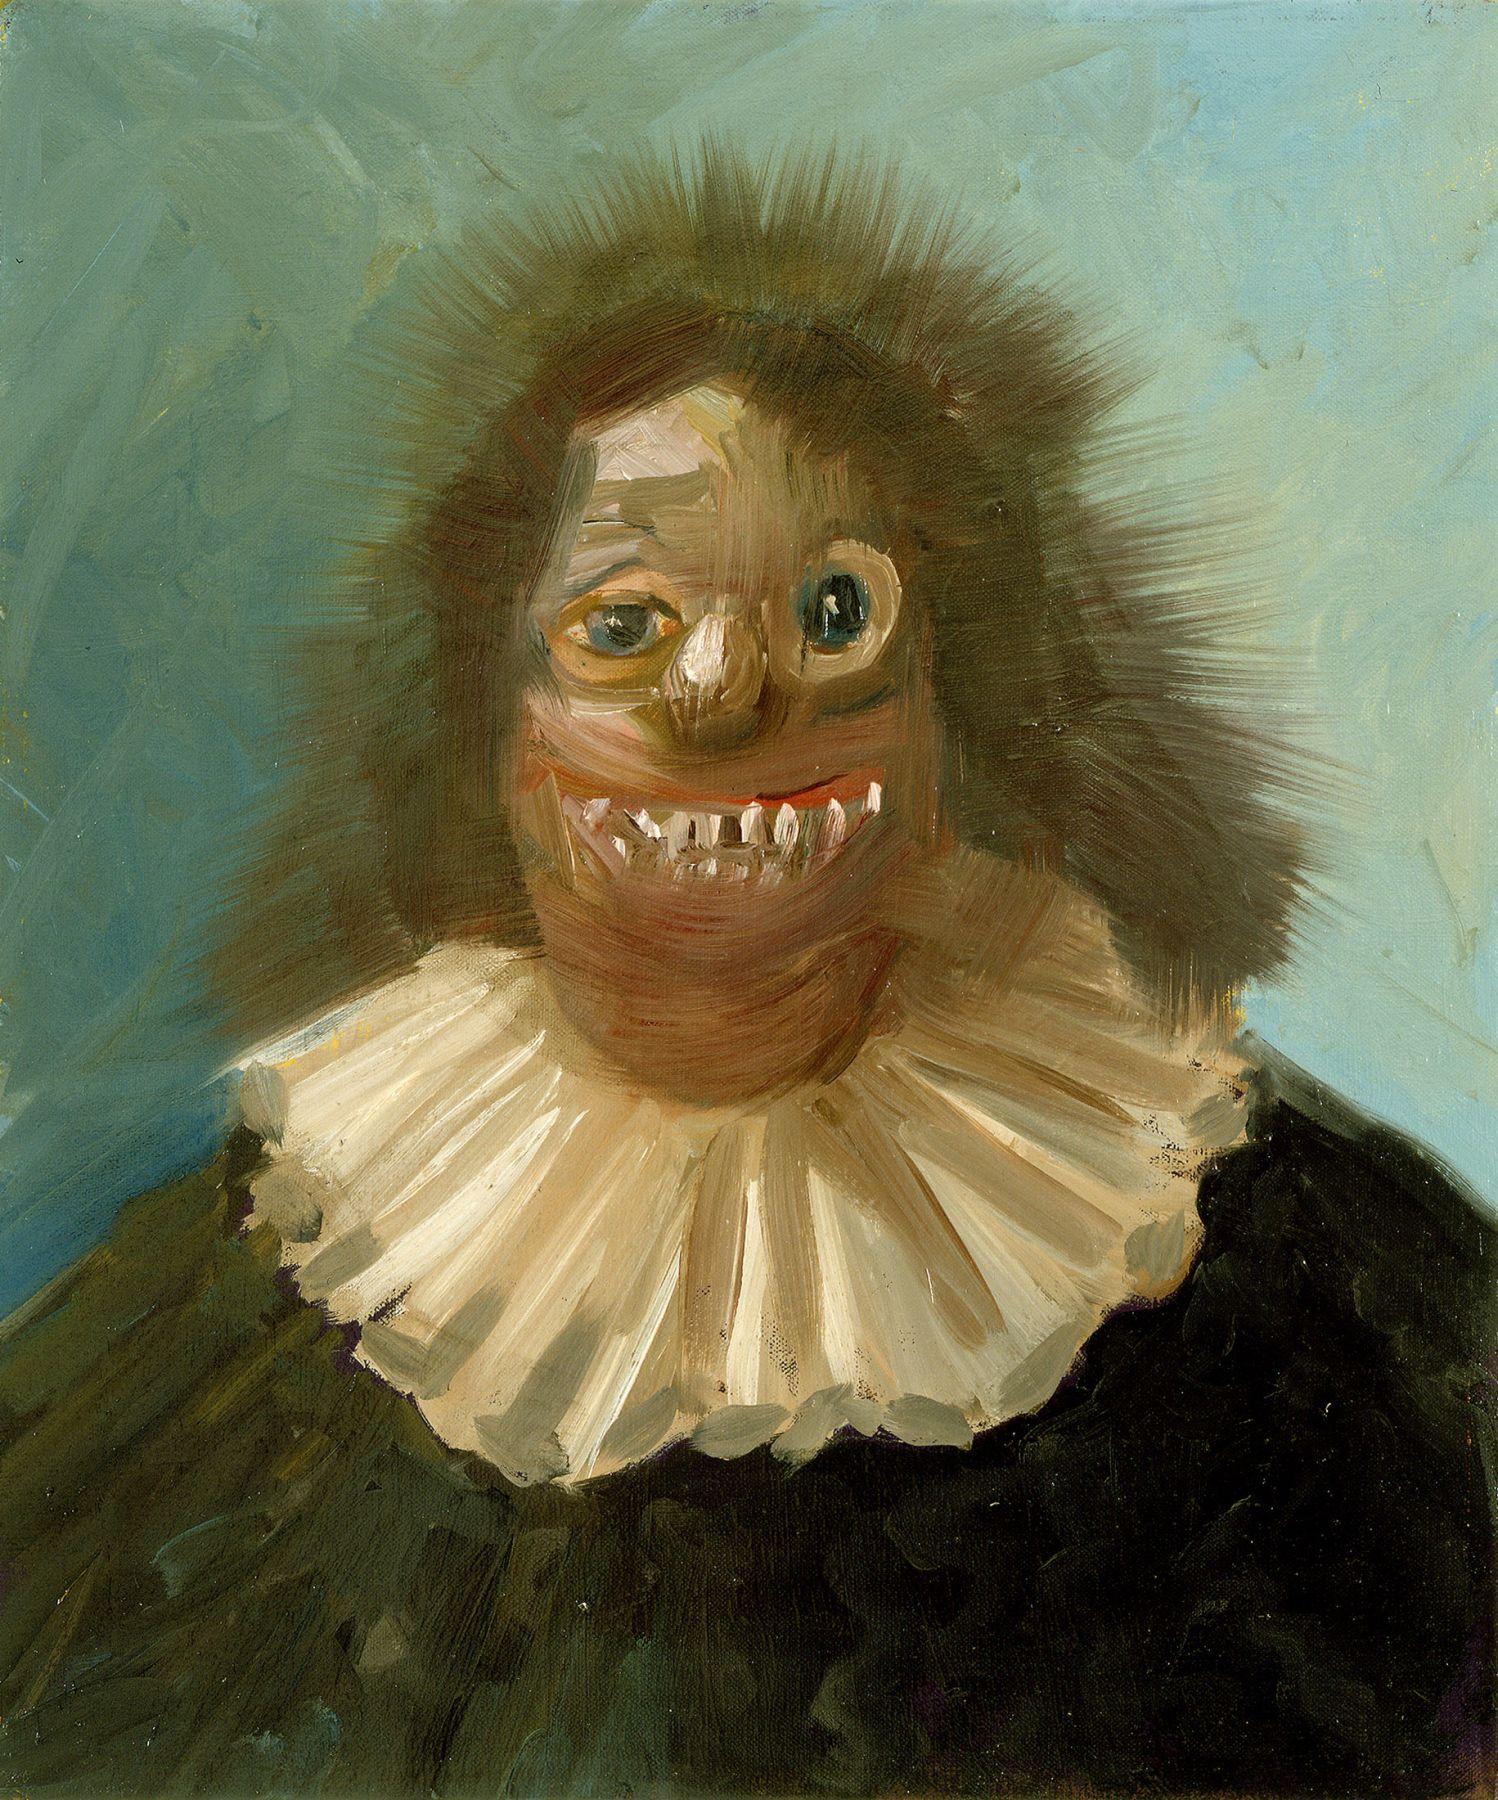 George Condo Lord Gorilla, 2002